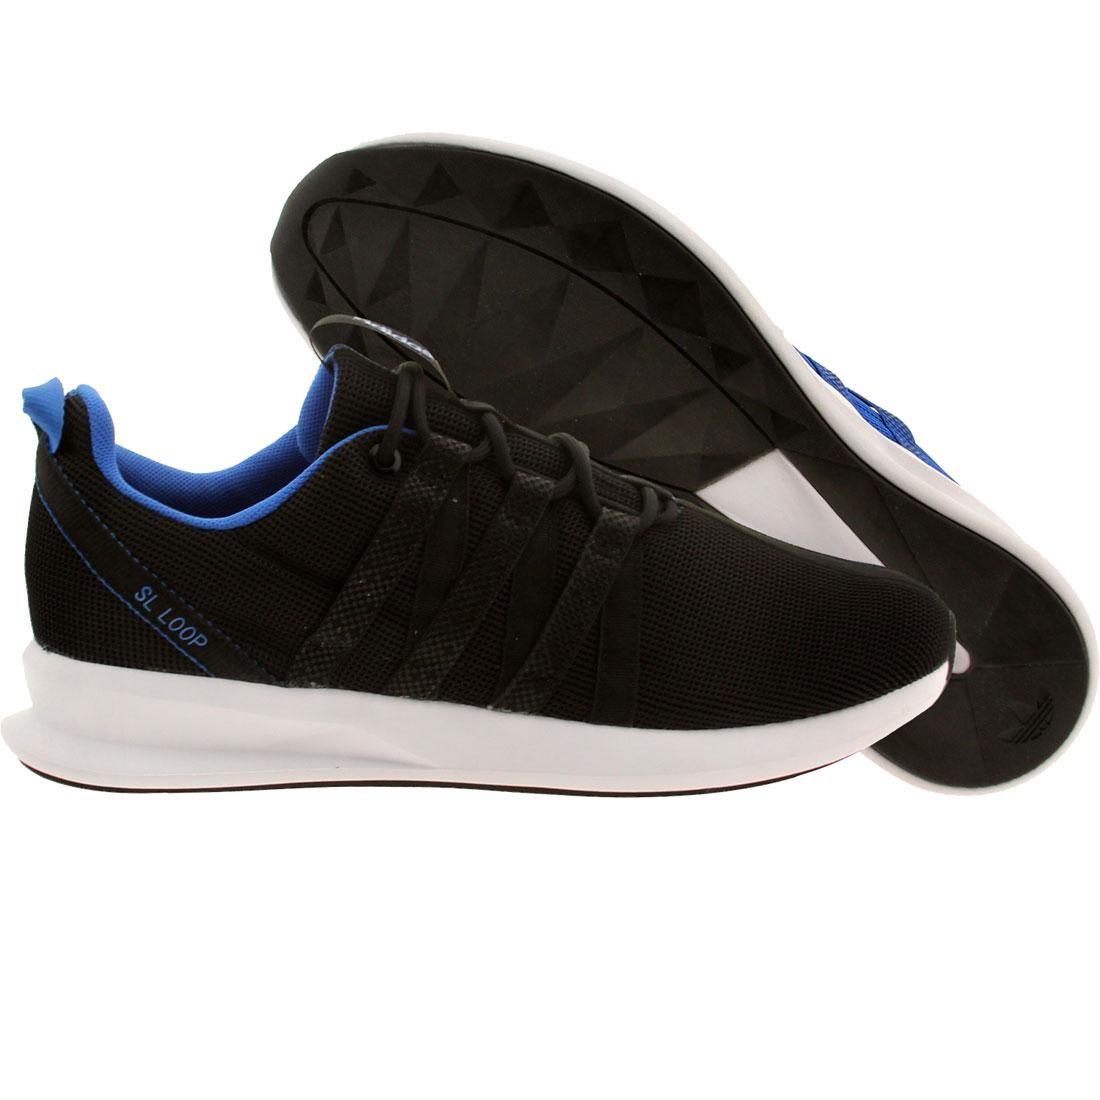 【海外限定】アディダス メンズ靴 靴 【 ADIDAS MEN SL LOOP RACE BLUE BLUBIR CBLACK 】